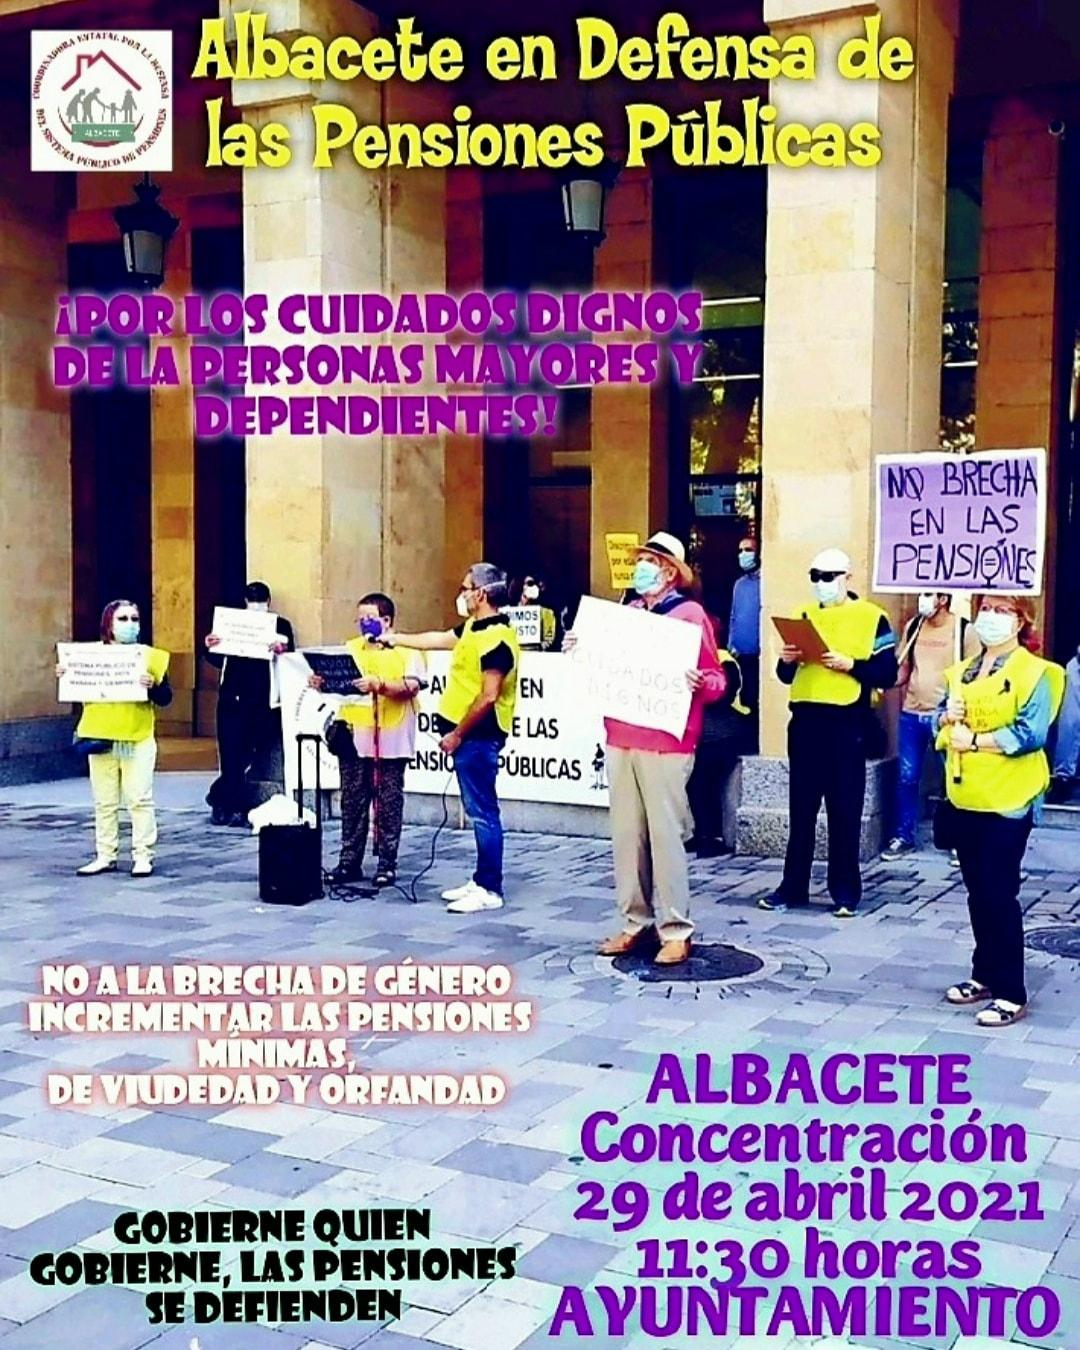 1619722599601_Cartel Concentración Pensionistas AB 29-04-2021